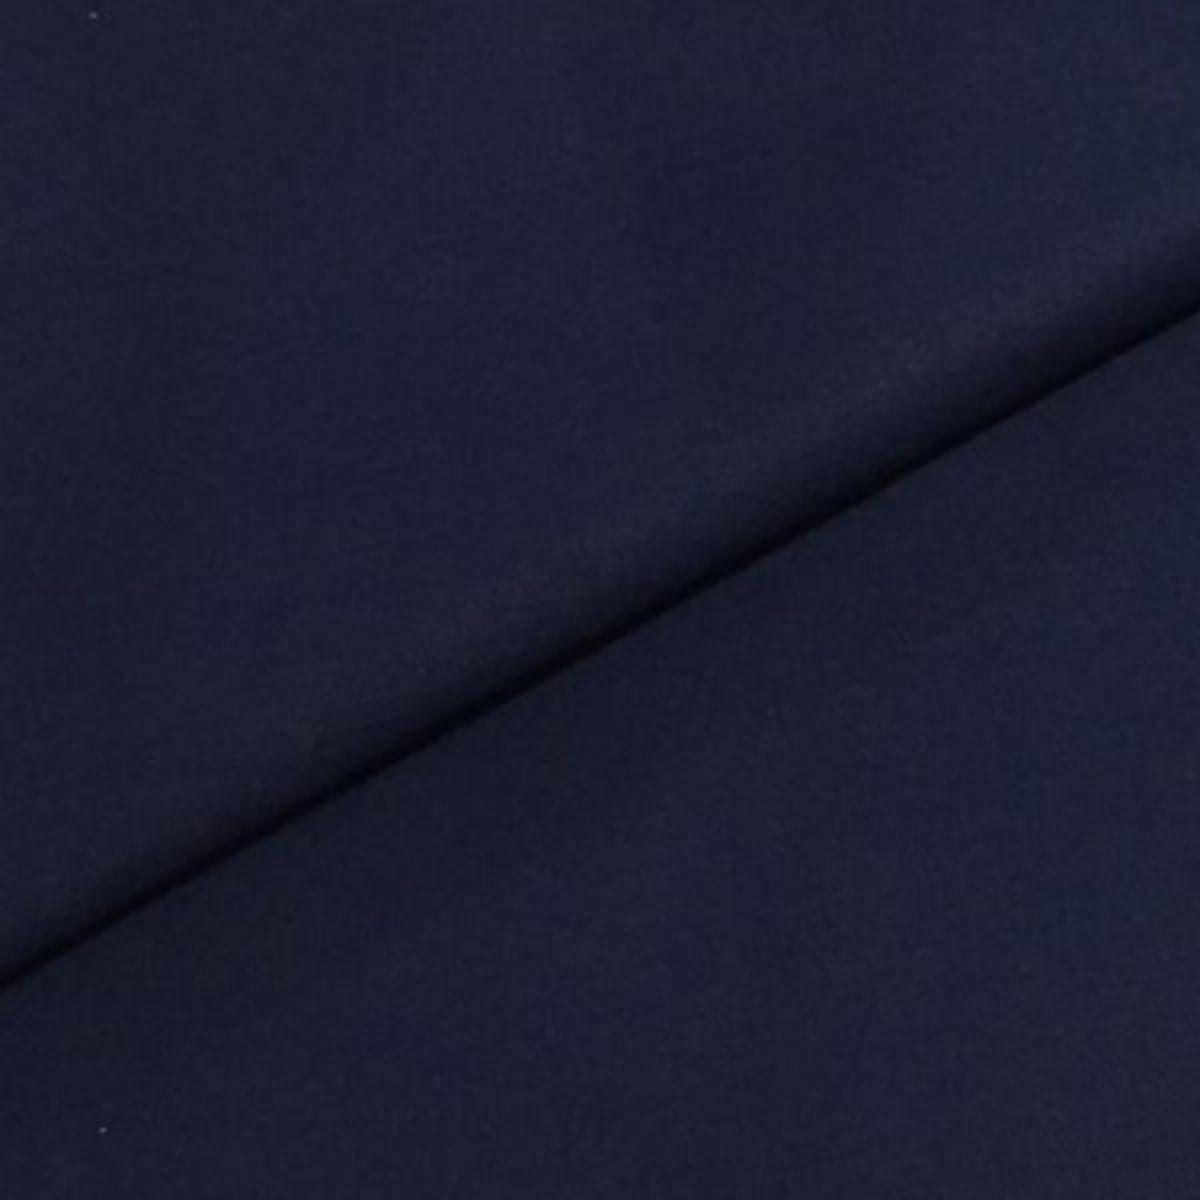 Tecido Sarja 100% Algodão Estampas  0,50 cm x 1,50 m de Largura - Coleção Leve